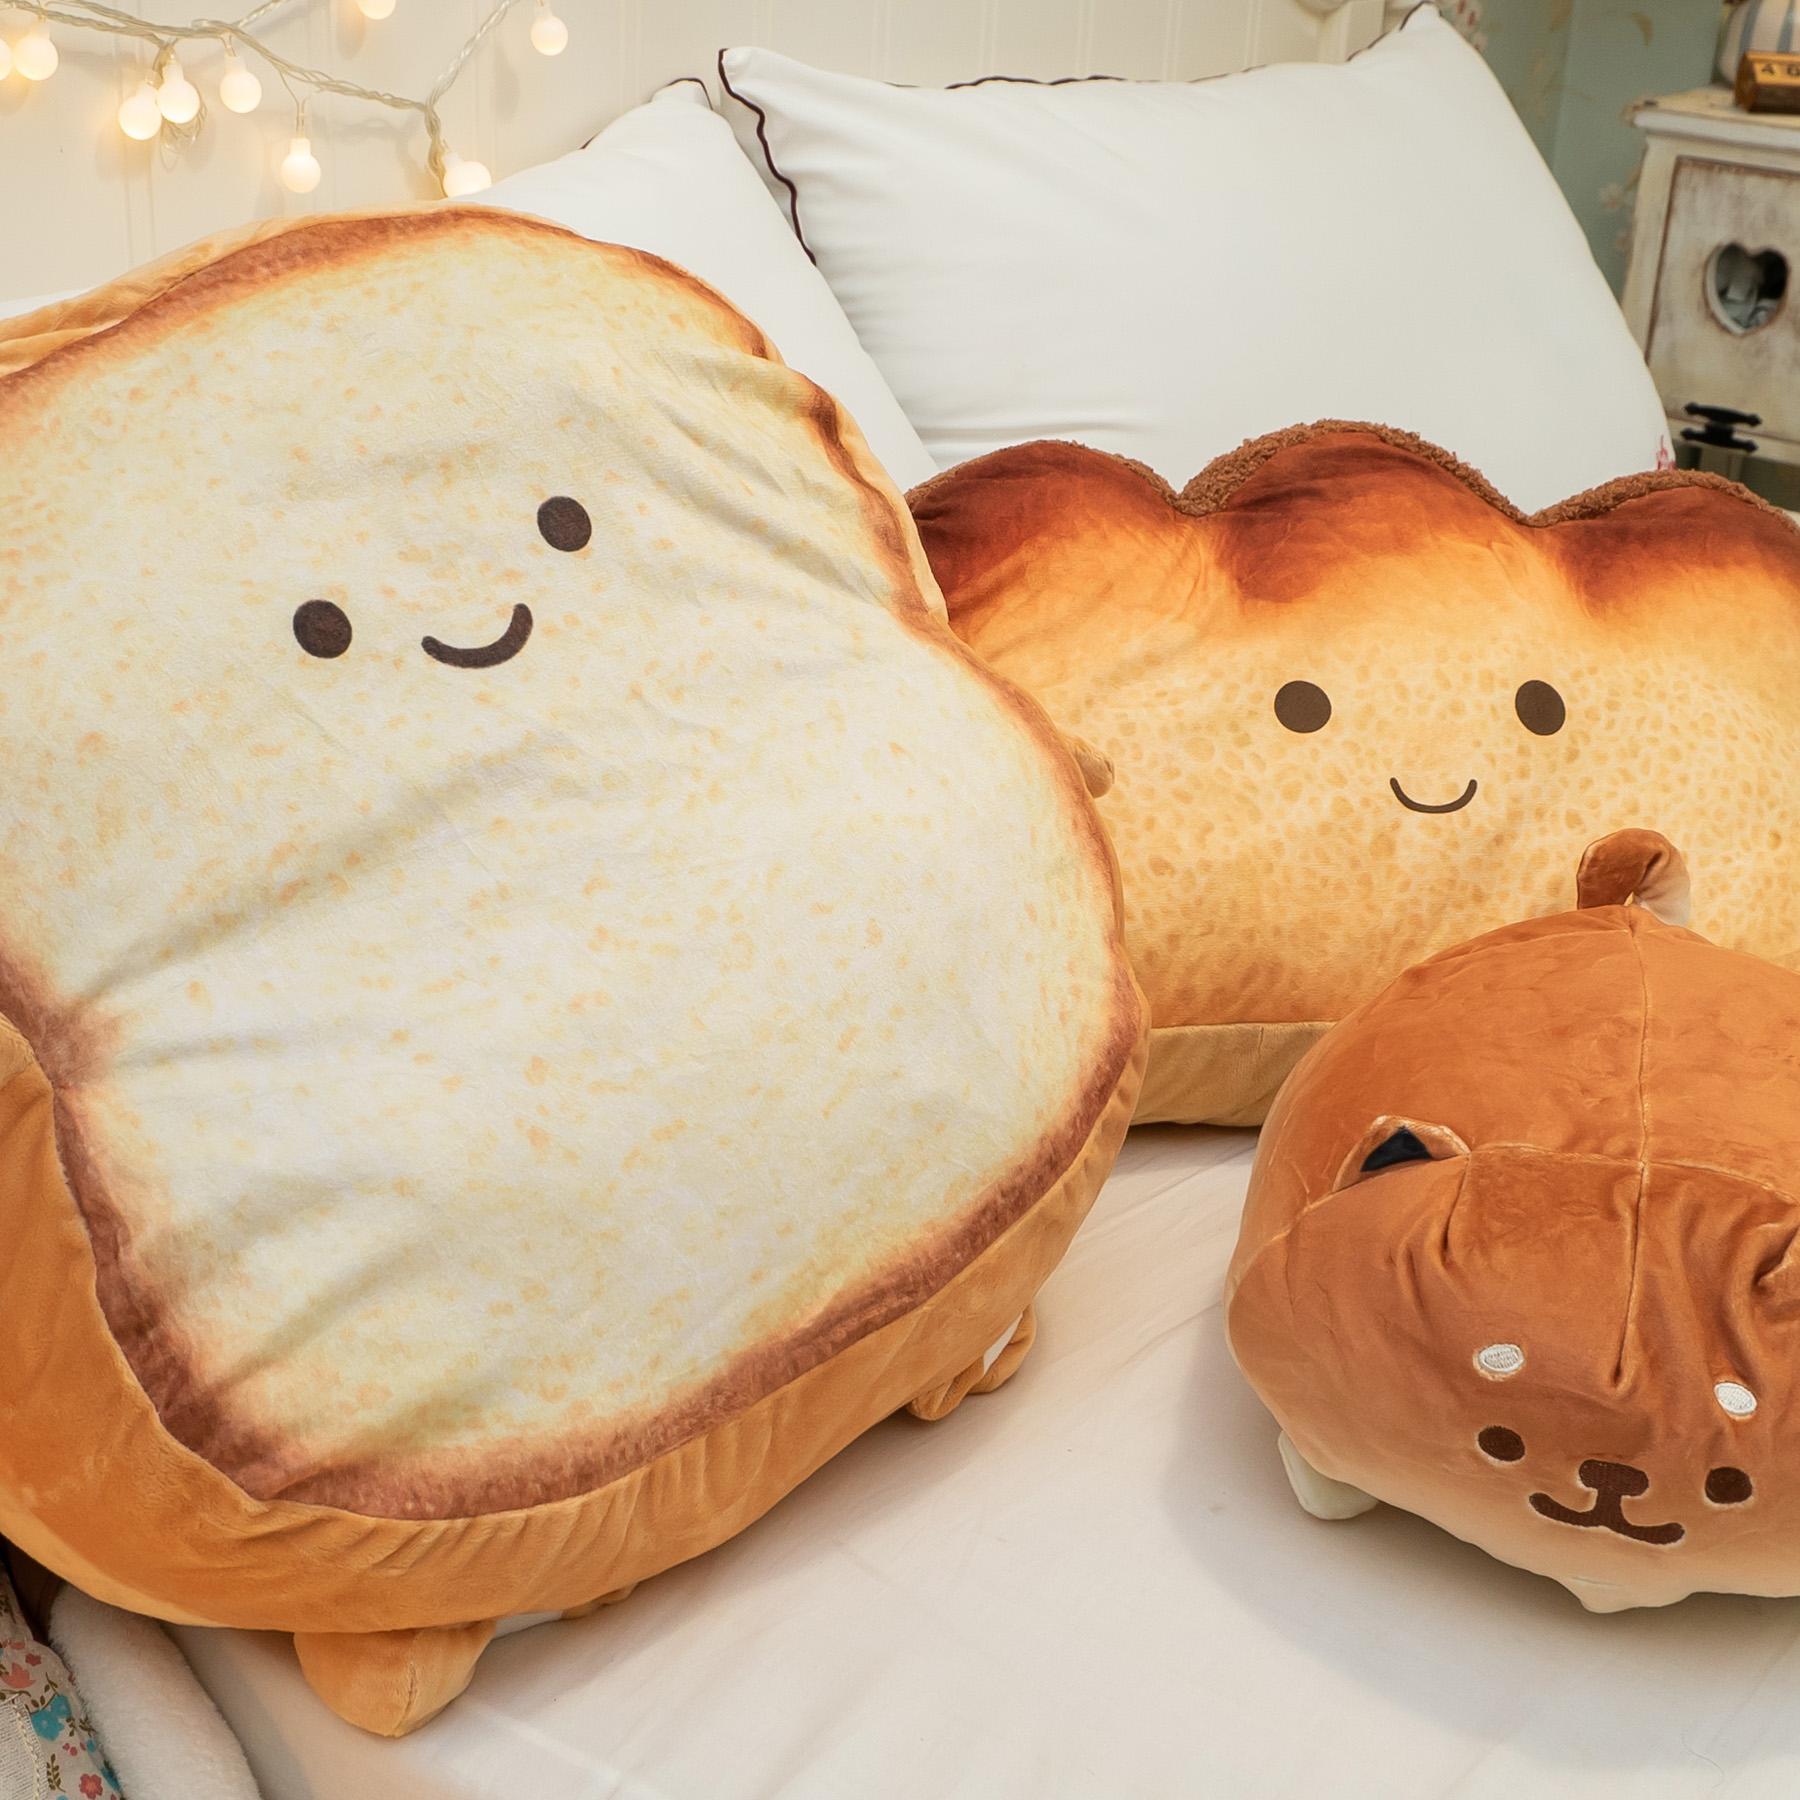 麵包家族抱枕 三種角色可選 可愛爆表 超療癒【棉床本舖】